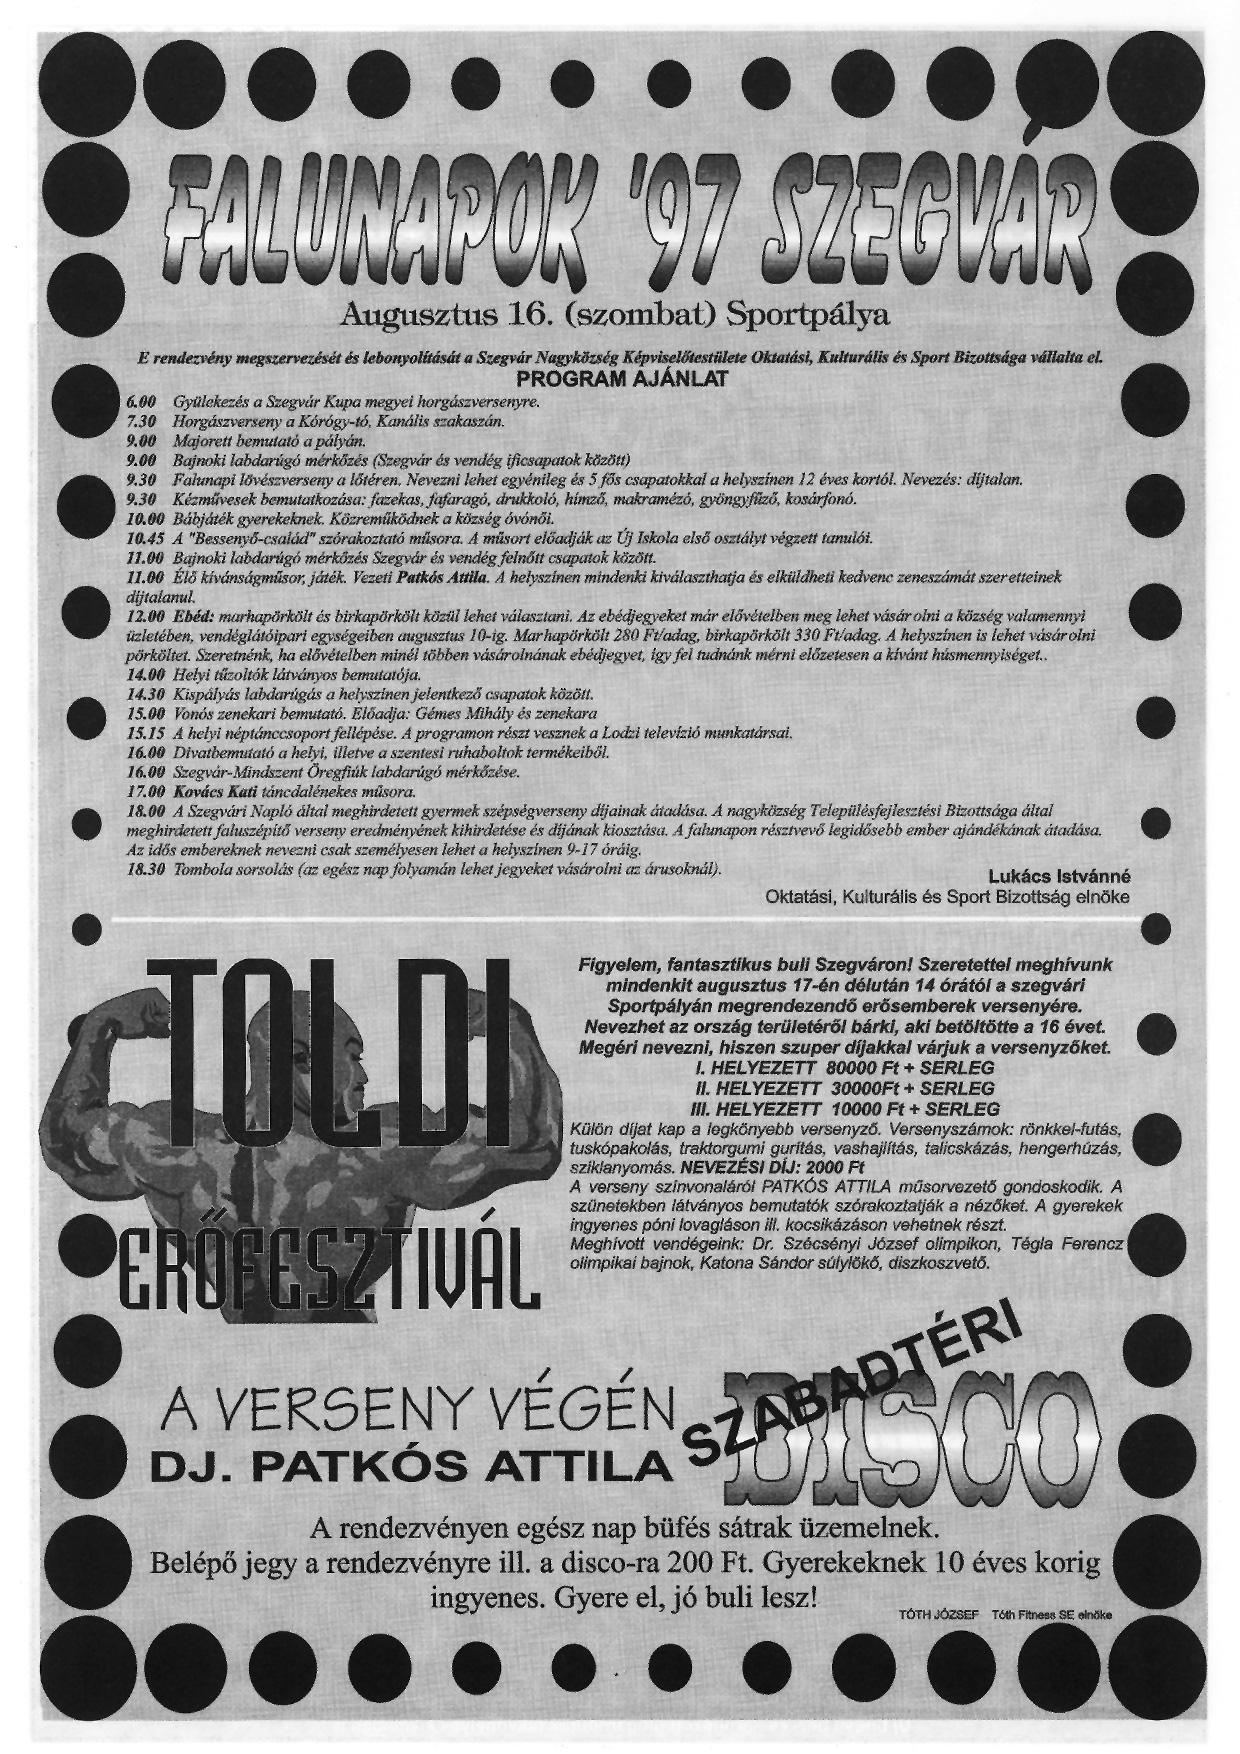 028 Tuti Tipp reklámújság - 19970809-067. lapszám - 2.oldal - III. évfolyam.jpg